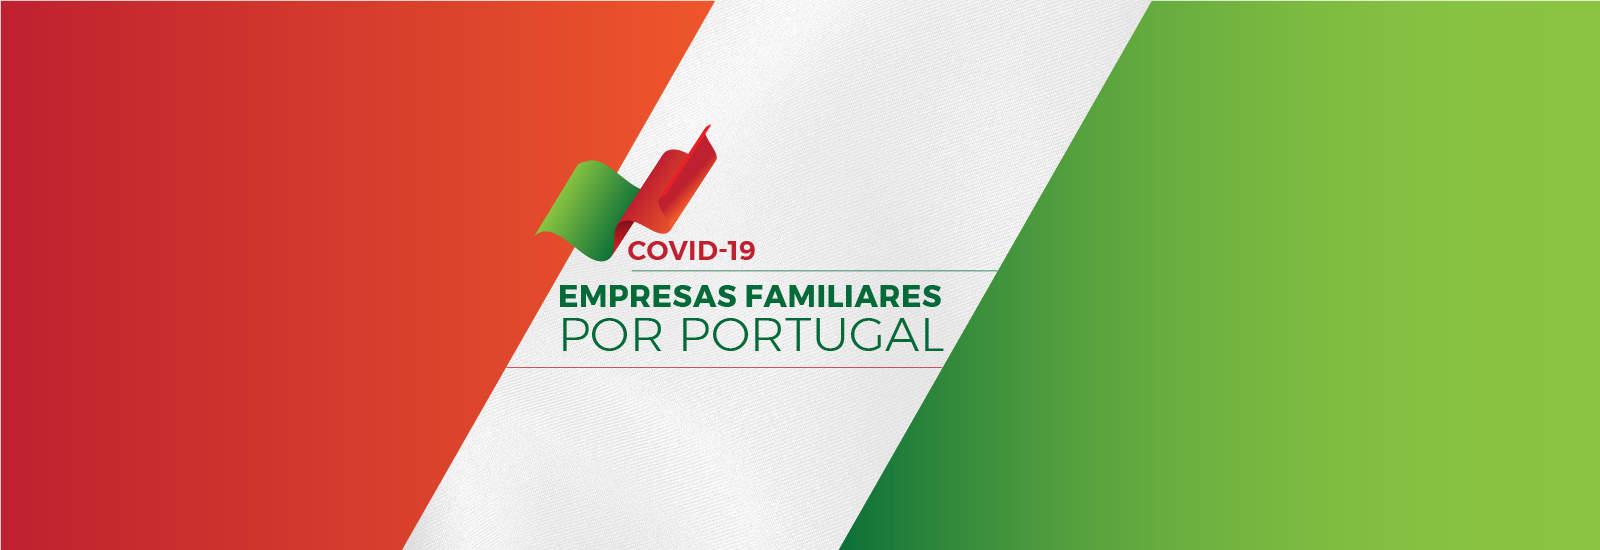 20200327-PorPortuga-1600x550-2